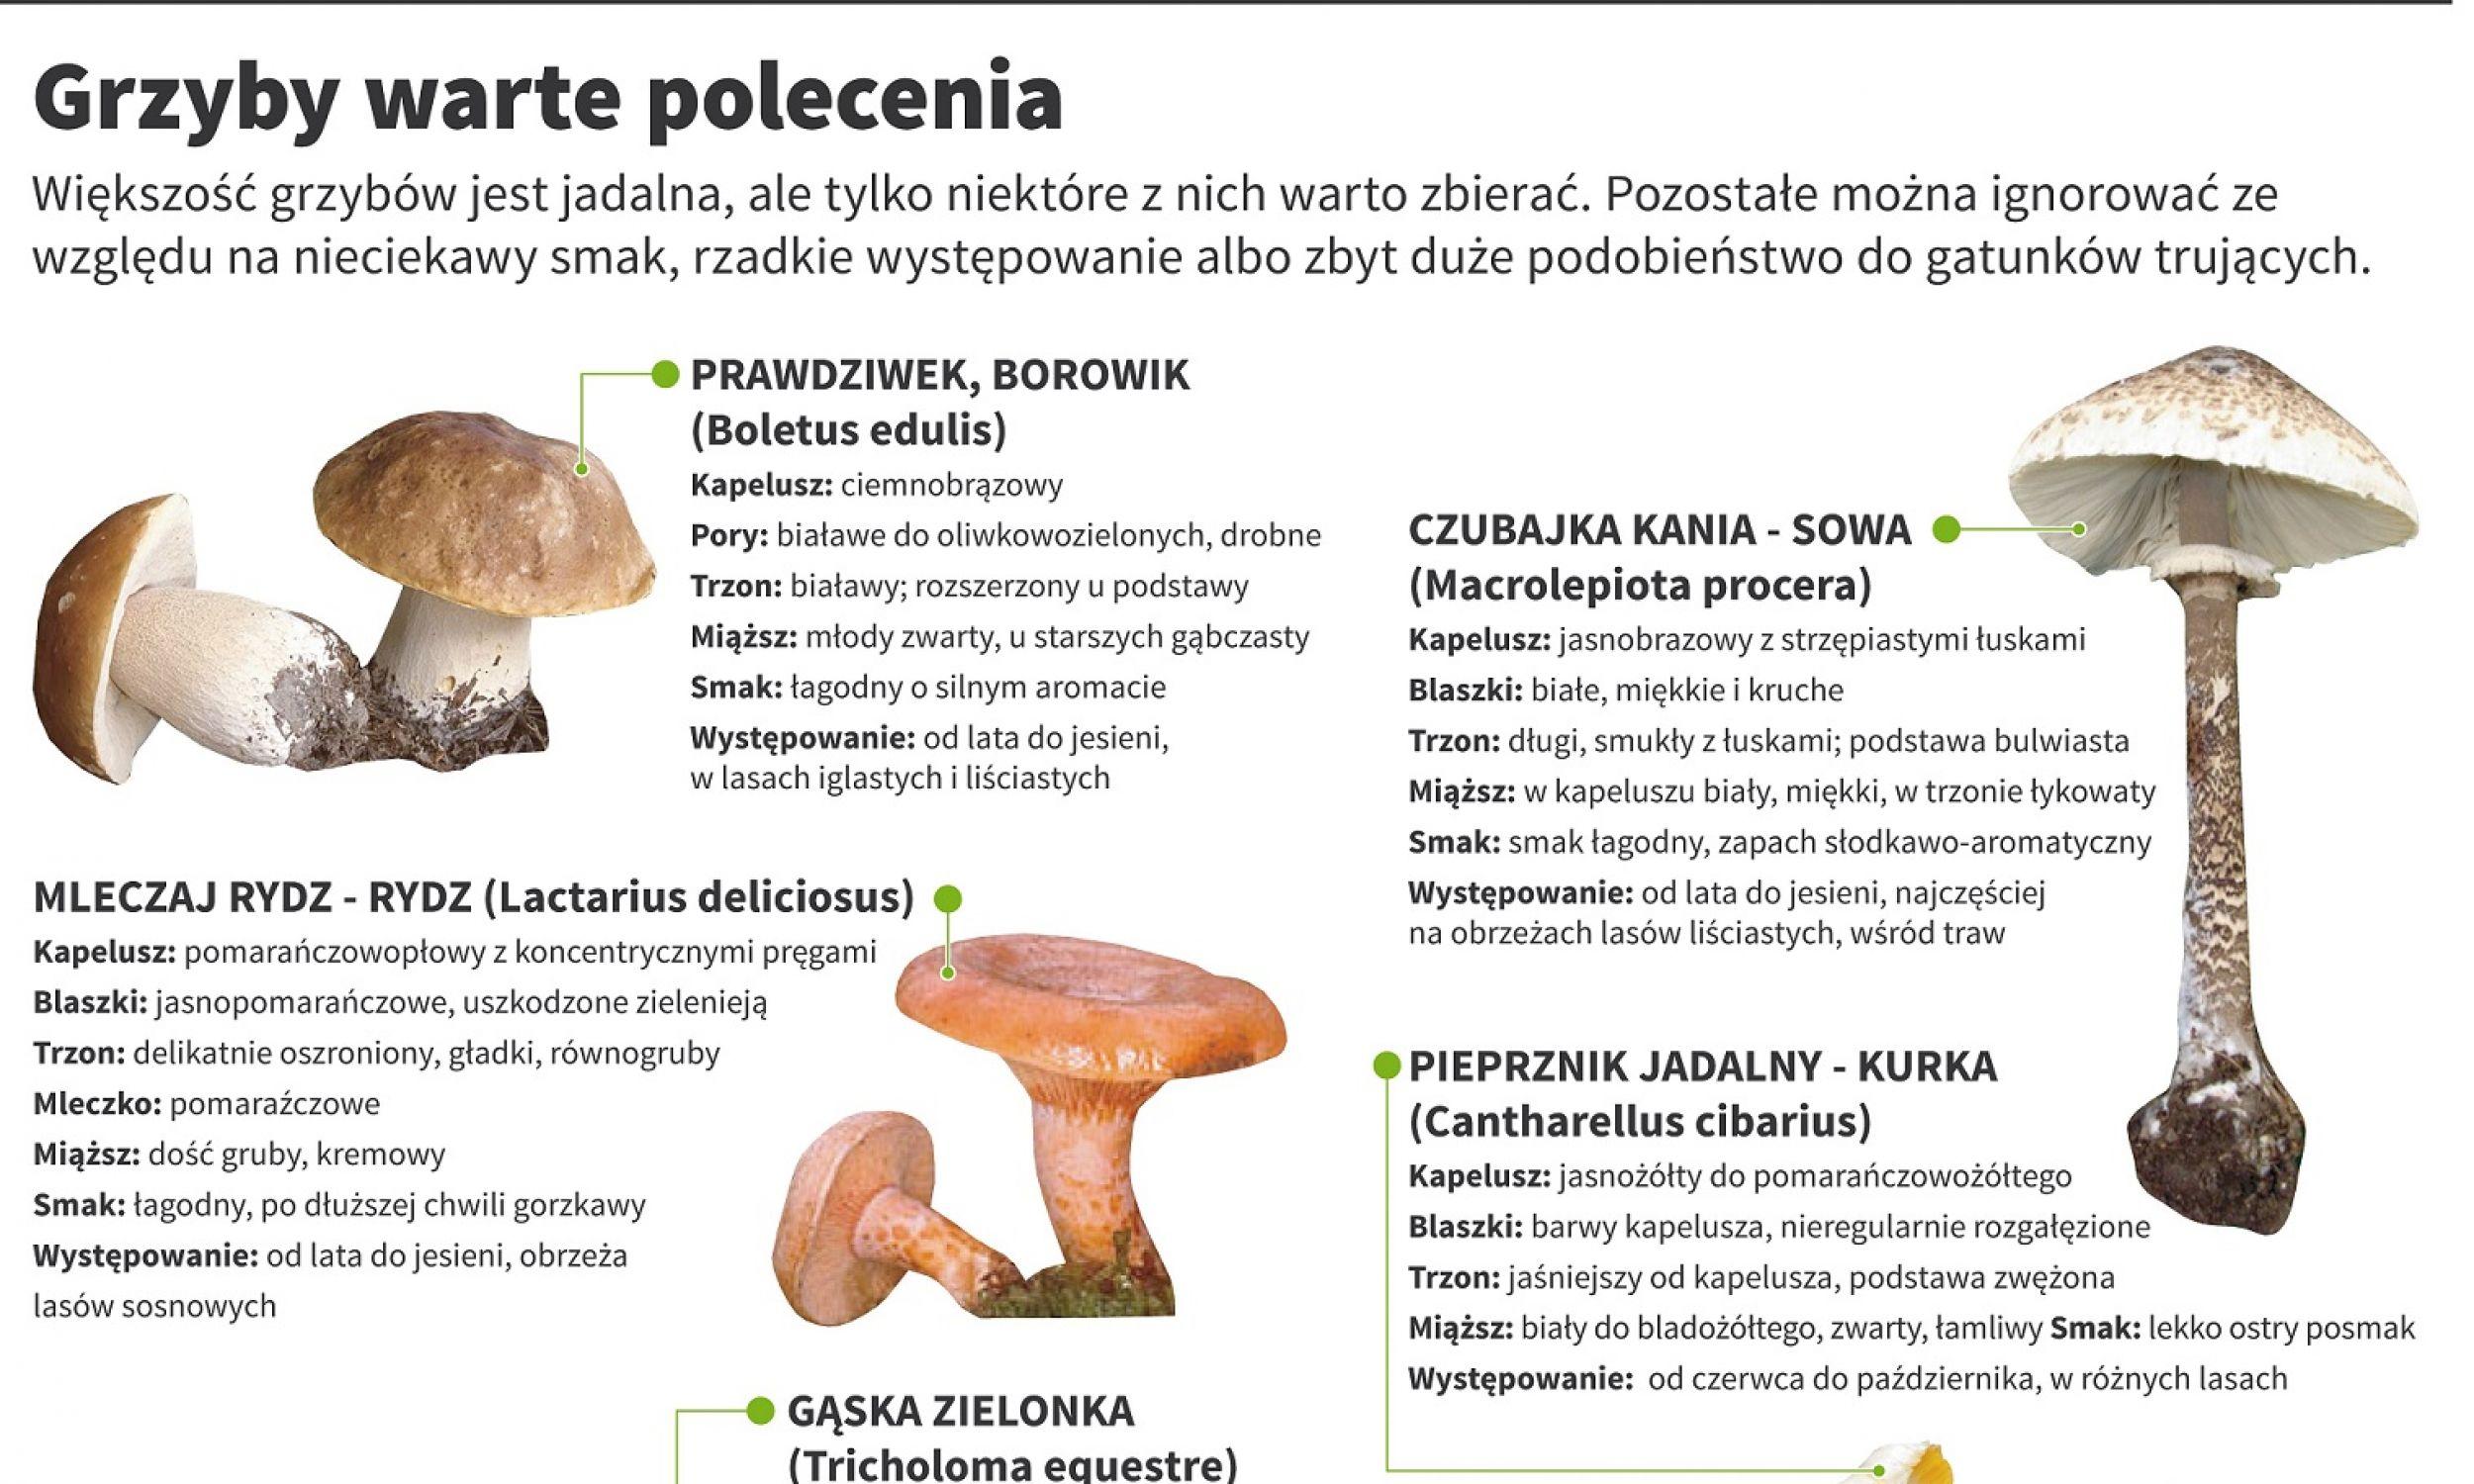 Grafika: PAP, Maciej Zieliński